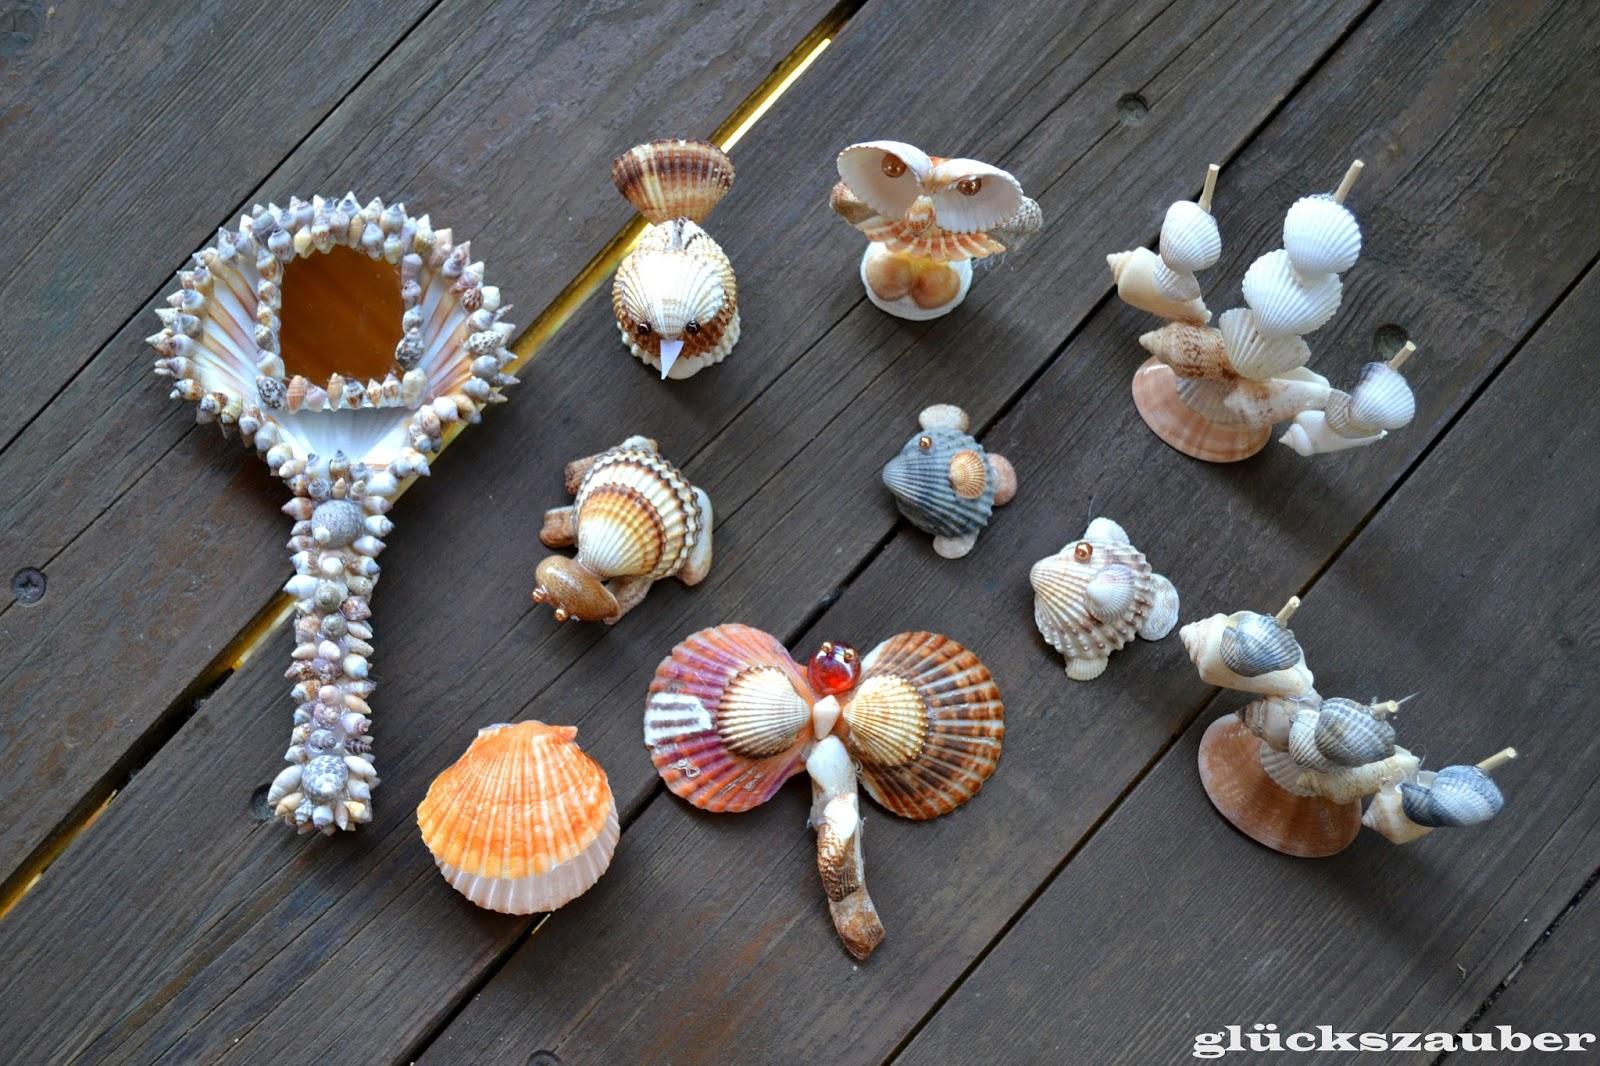 gl ckszauber diy allerlei tiere segelschiffe und handspiegel aus muscheln. Black Bedroom Furniture Sets. Home Design Ideas